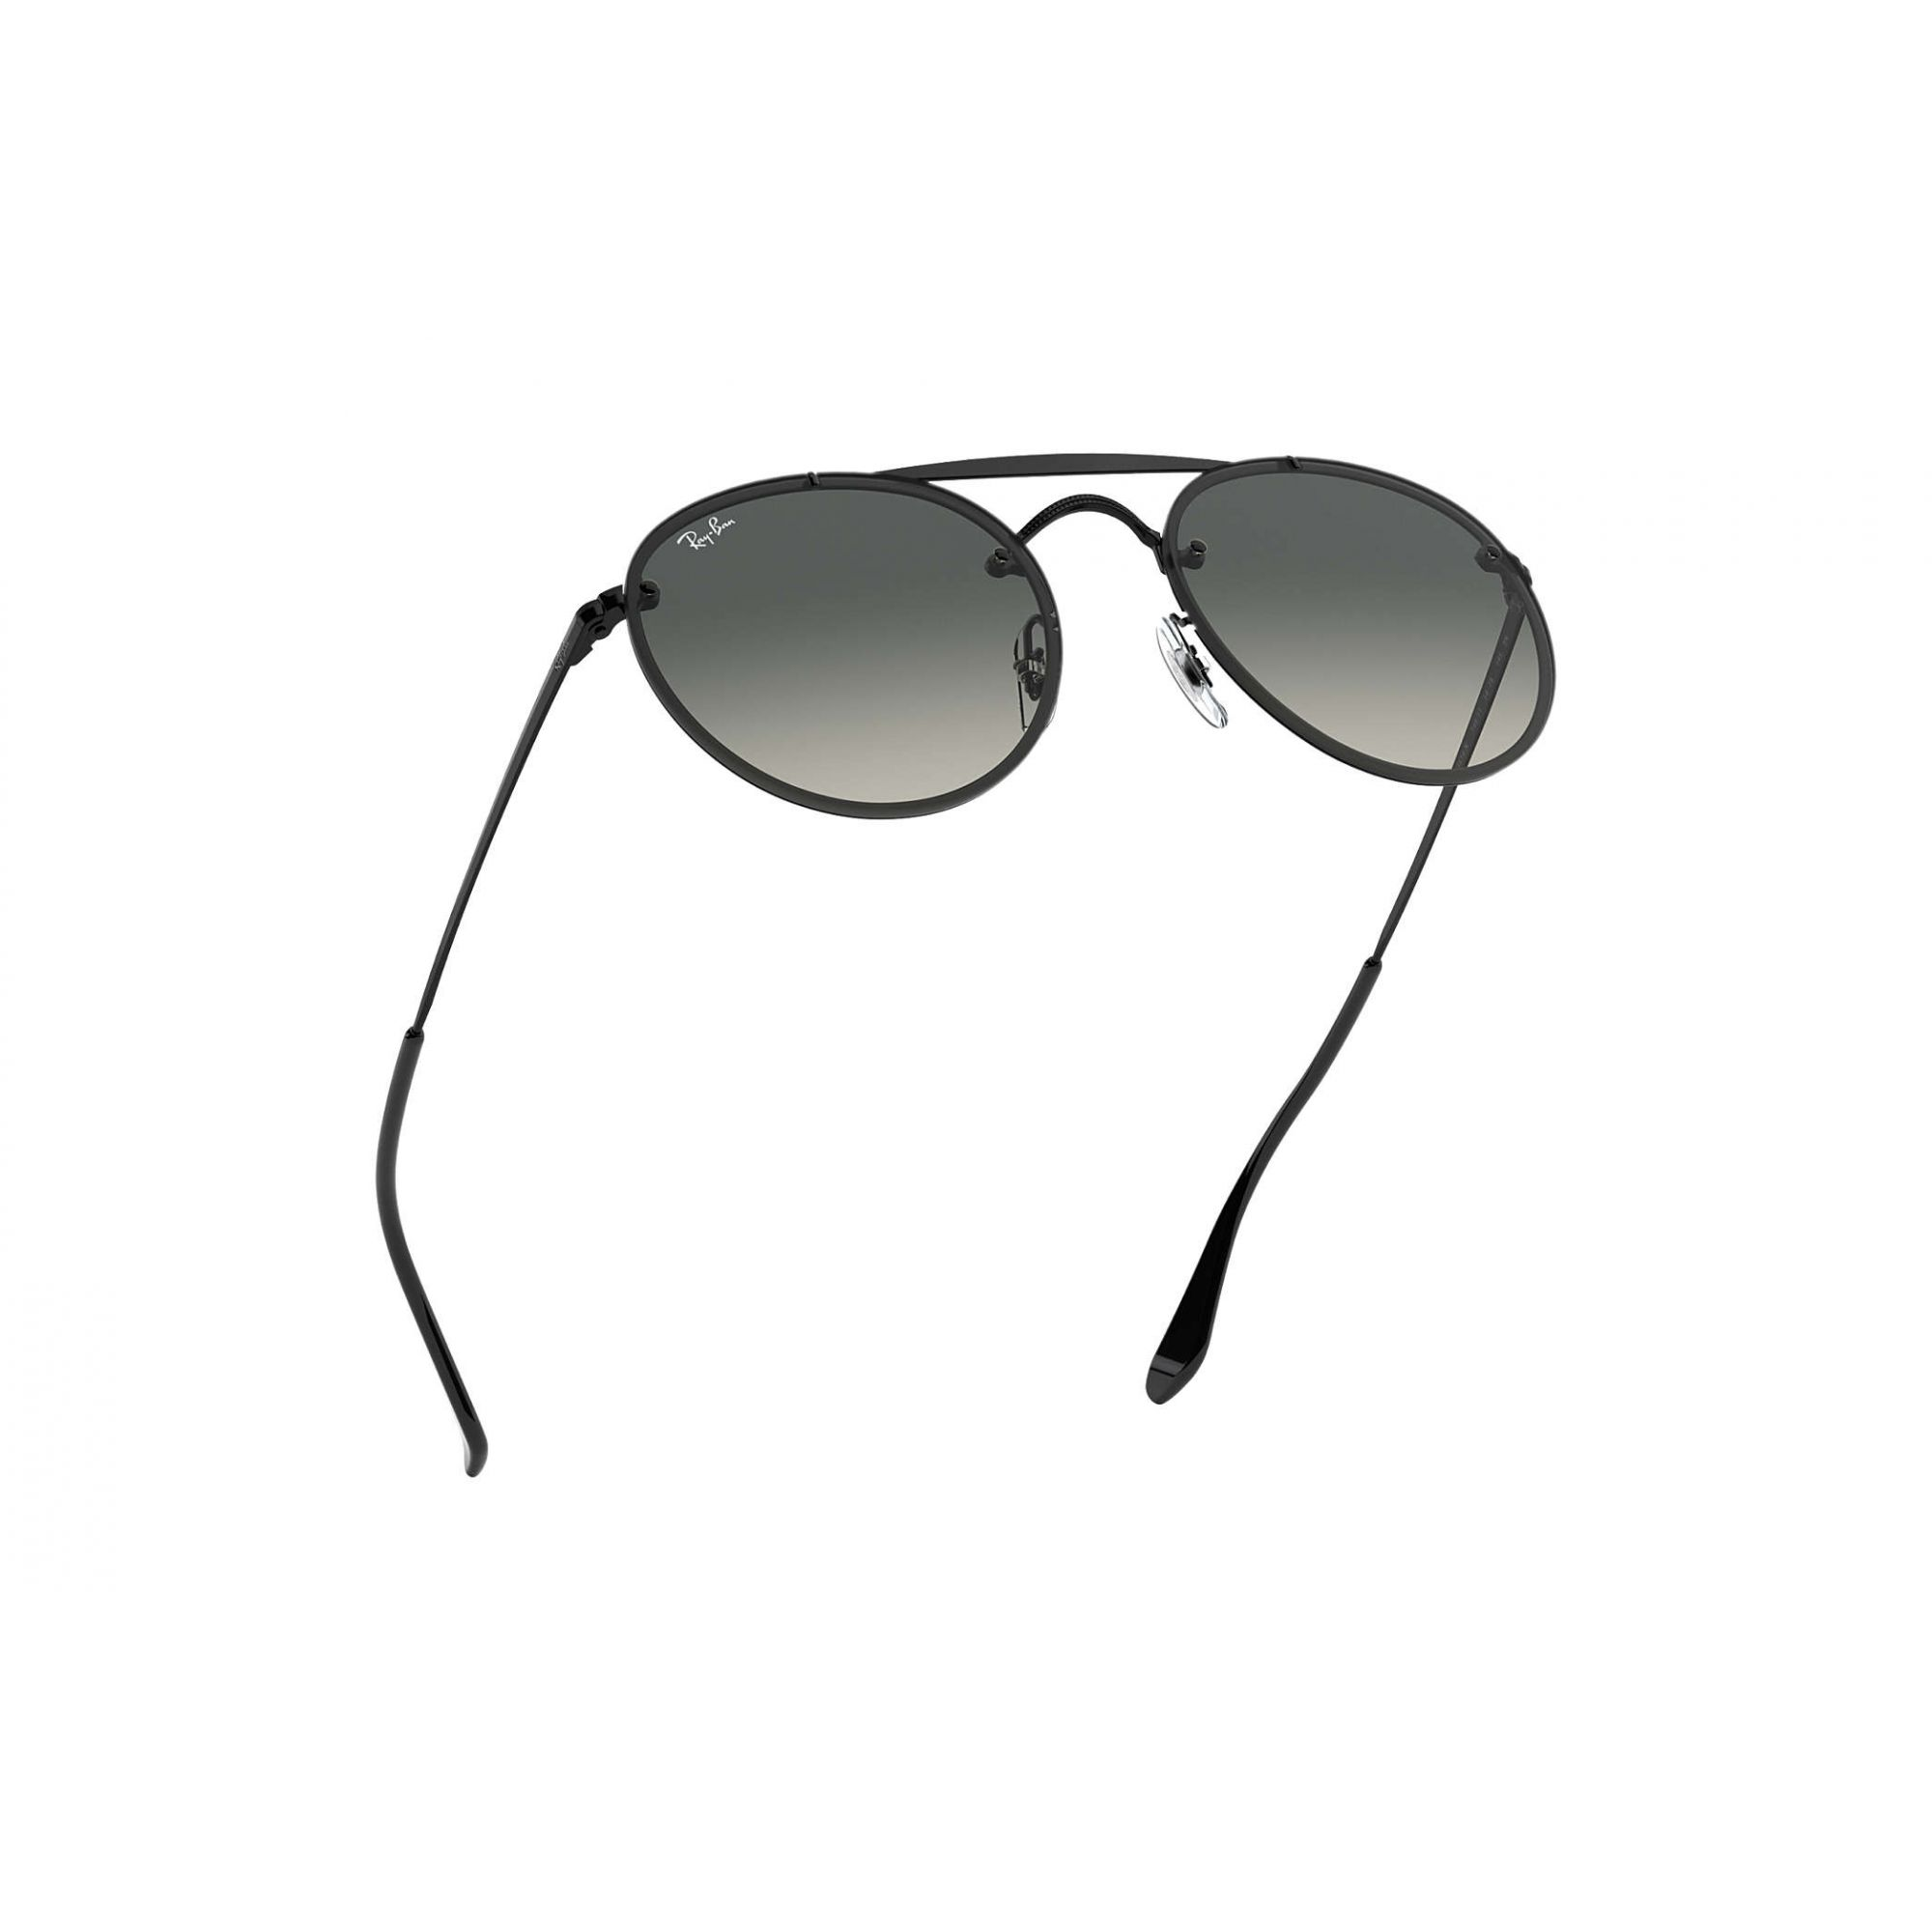 Ray Ban - RB3614N 1481154 - Óculos de sol